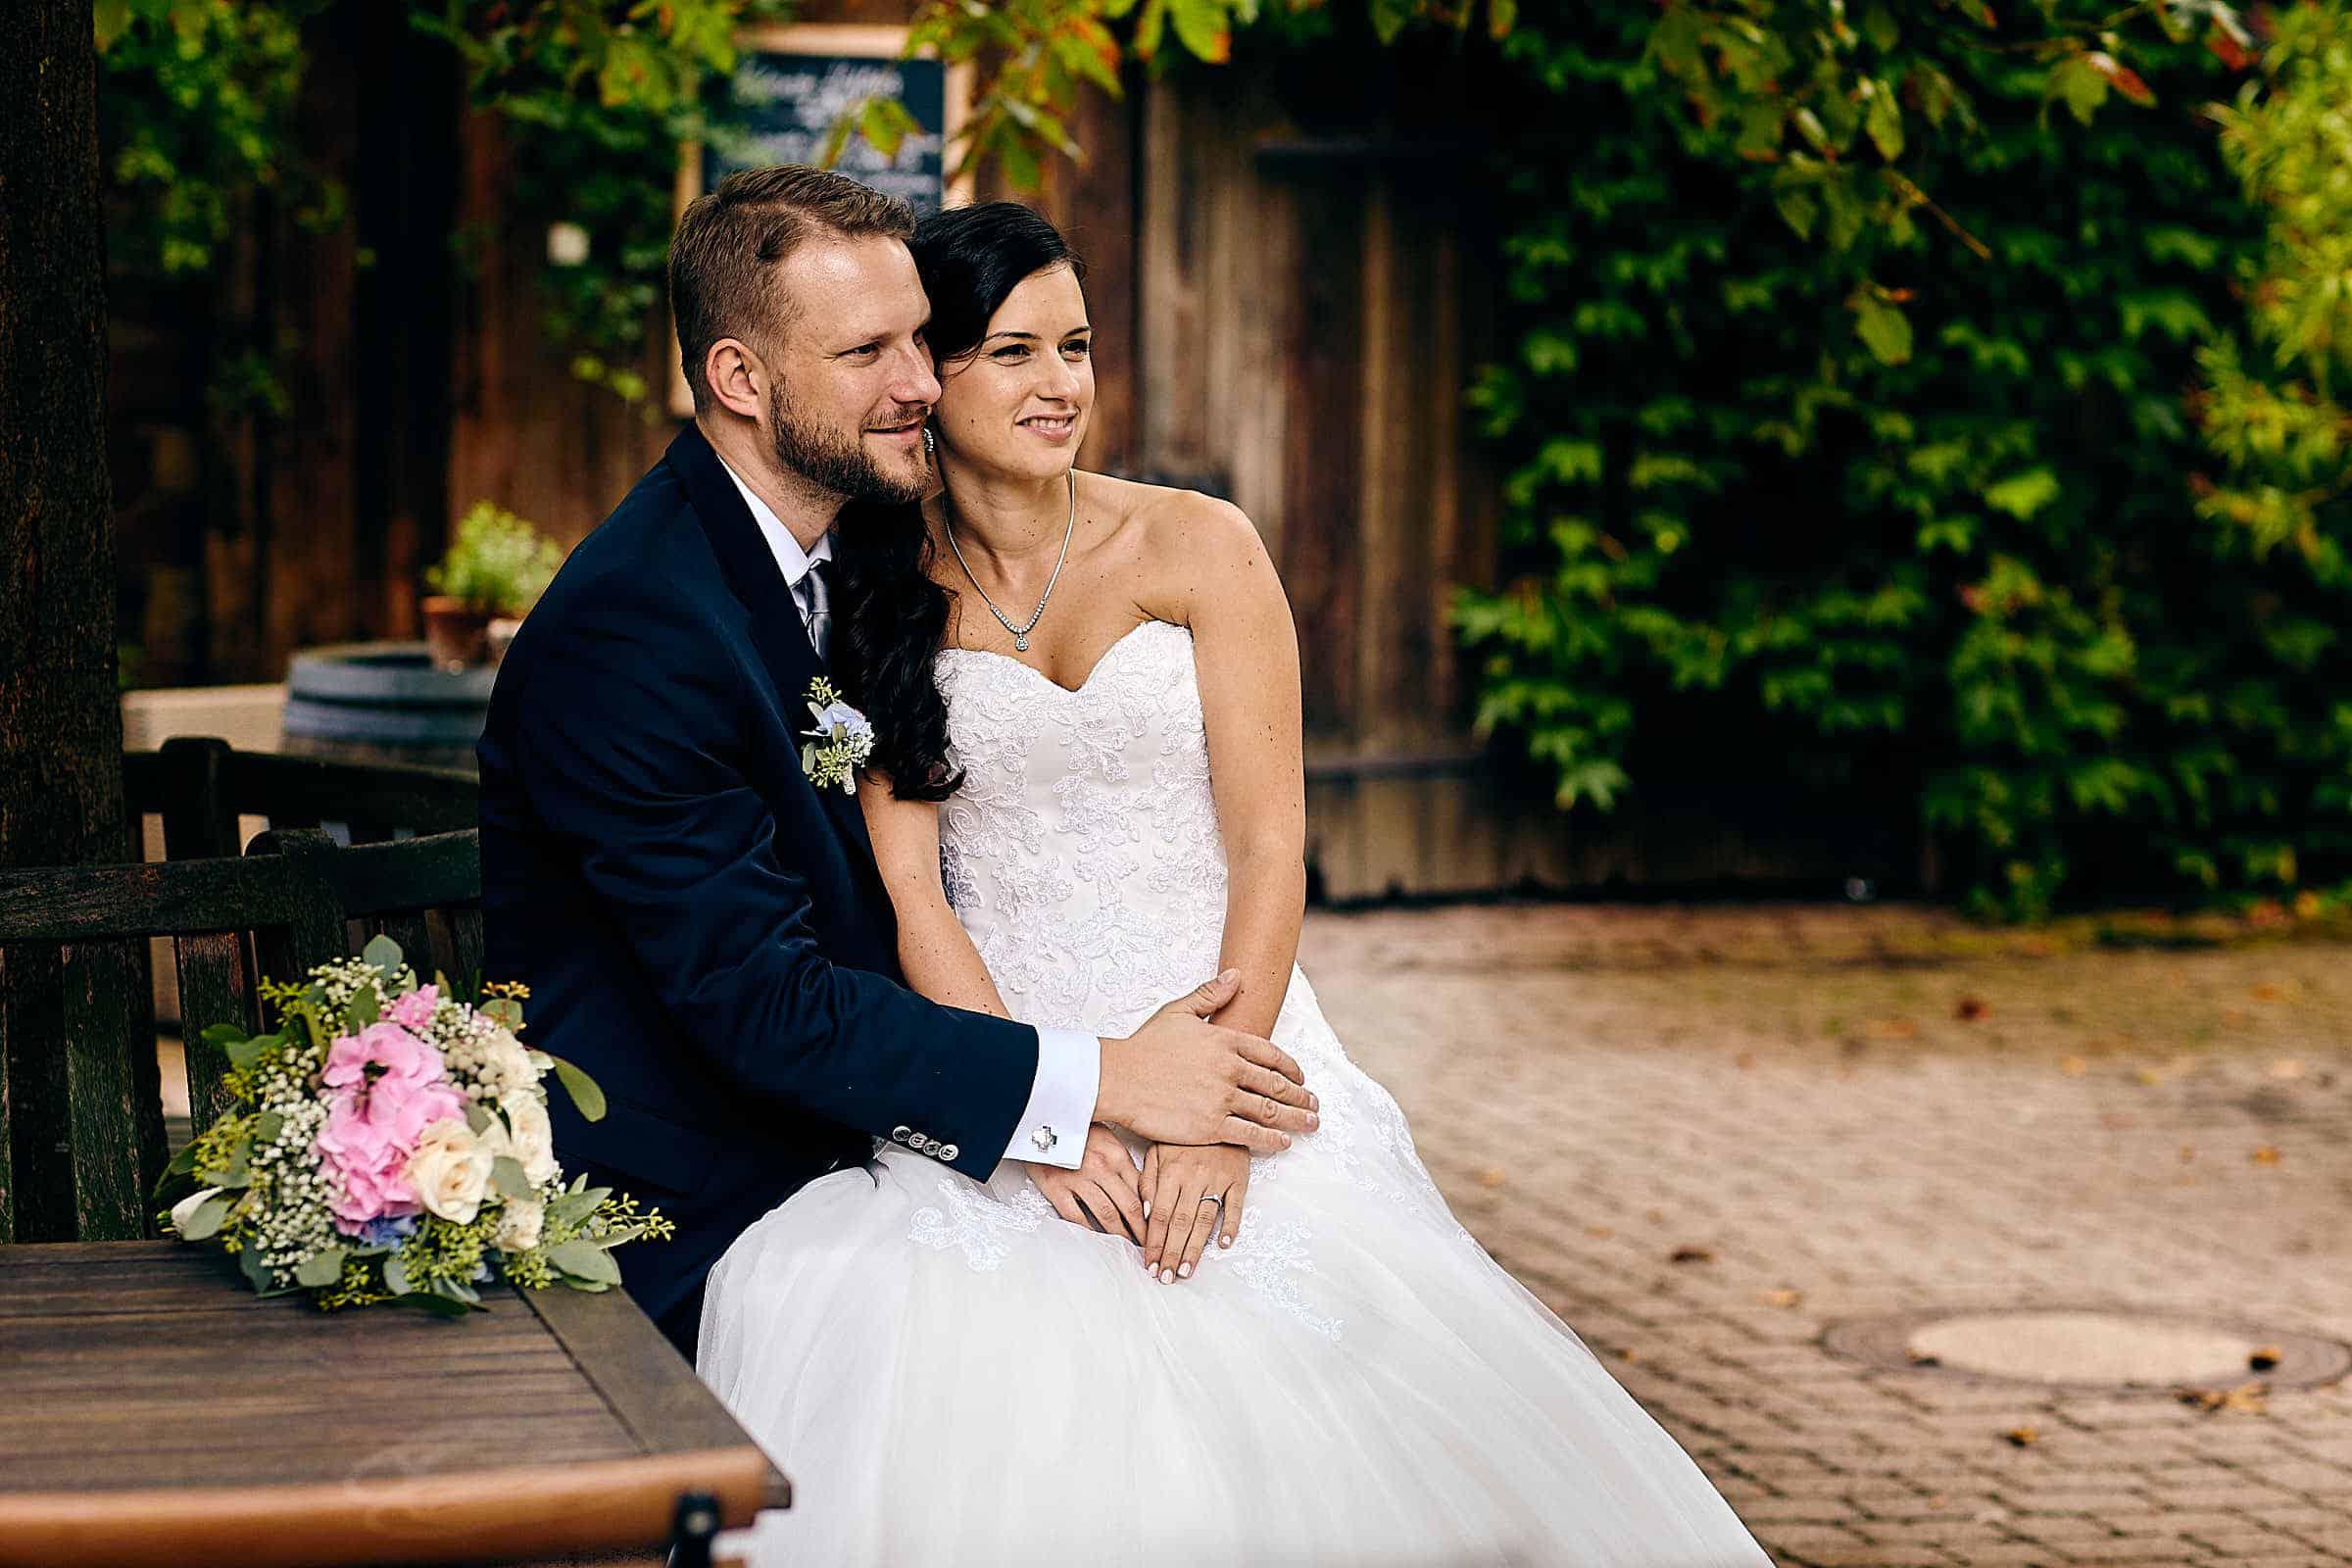 Hochzeitsreportage im Hotel Grenzhof Heidelberg-Das Brautpaar sitzt im Garten und wird vom Hochzeitsfotografen Onelovephoto fotografiert